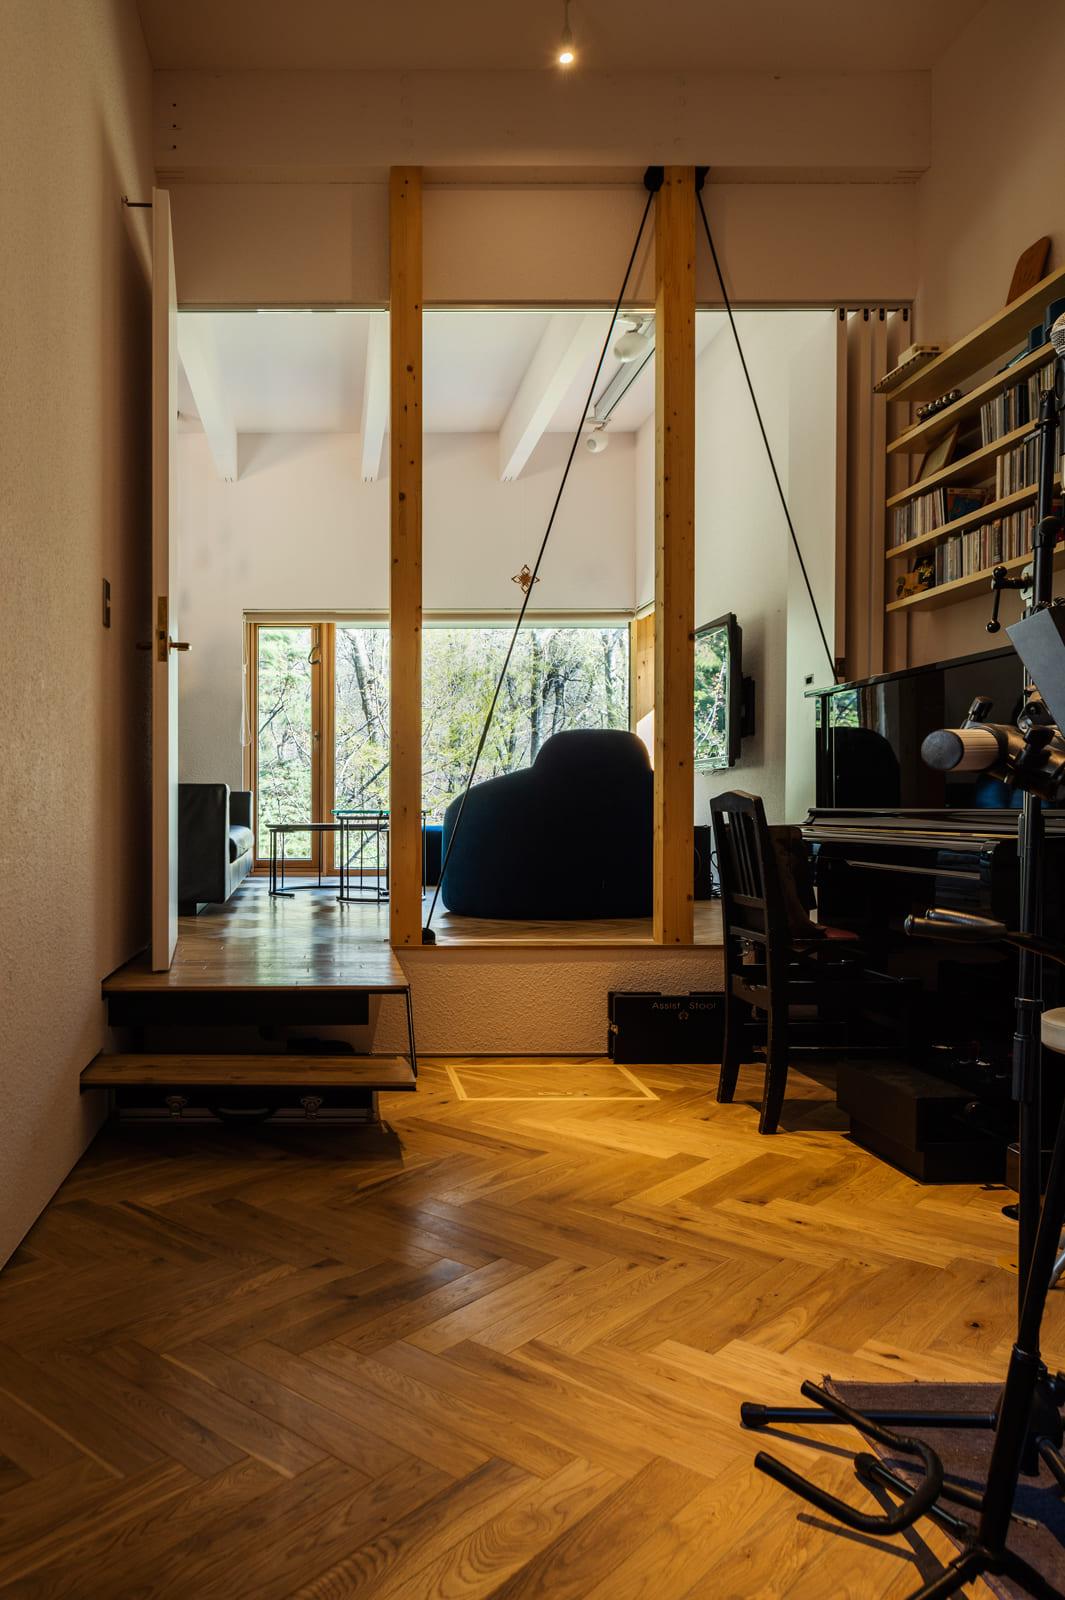 全開放したときの音楽室は、リビングとさり気なくつながり開放感の感じられる空間に